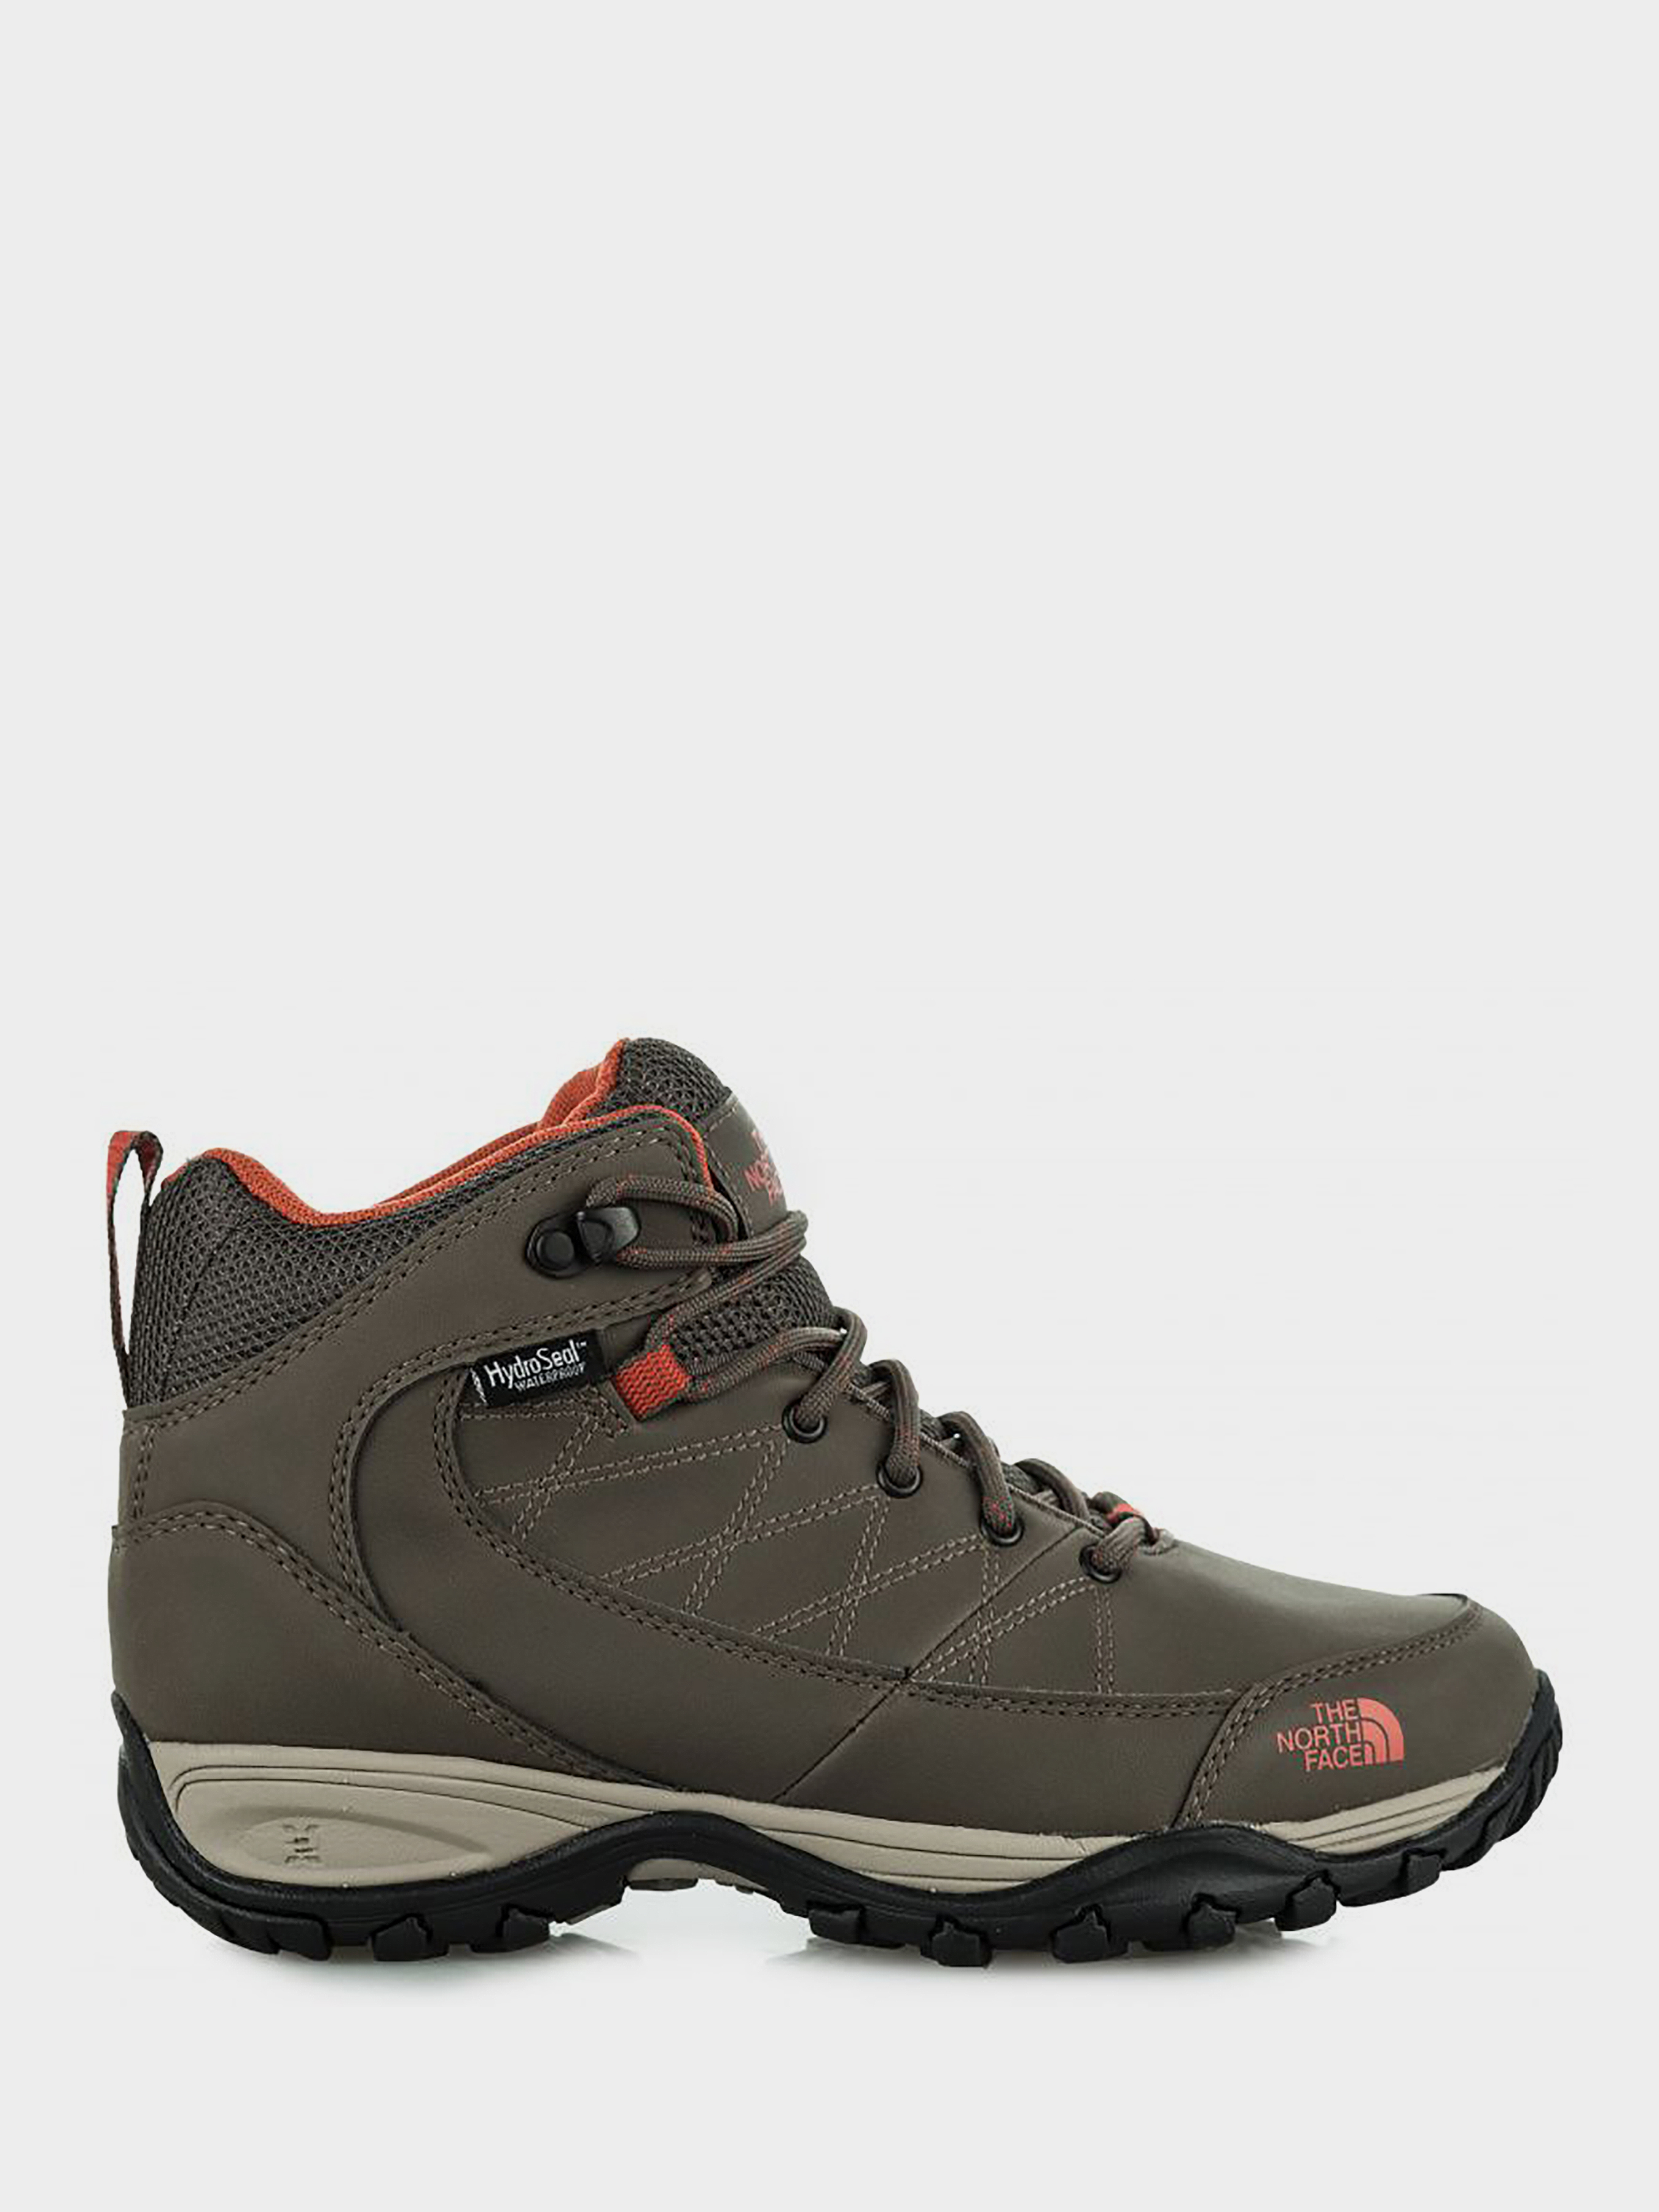 Ботинки для женщин The North Face STORSTRIKE WP NO9713 брендовая обувь, 2017